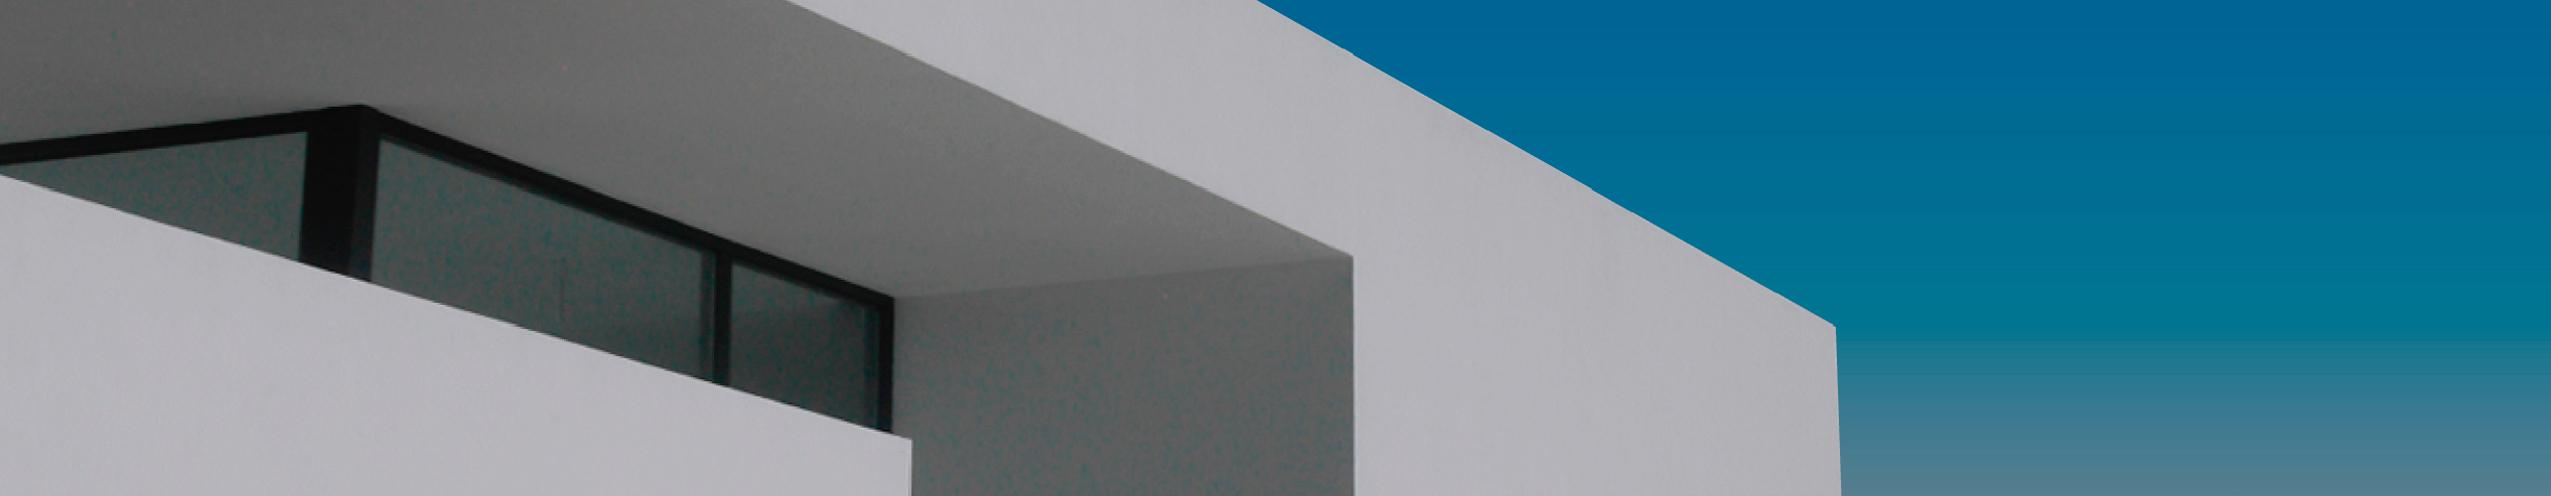 Imagen que representa el apartado de liderazgo de la plataforma de odontología de Inspiria